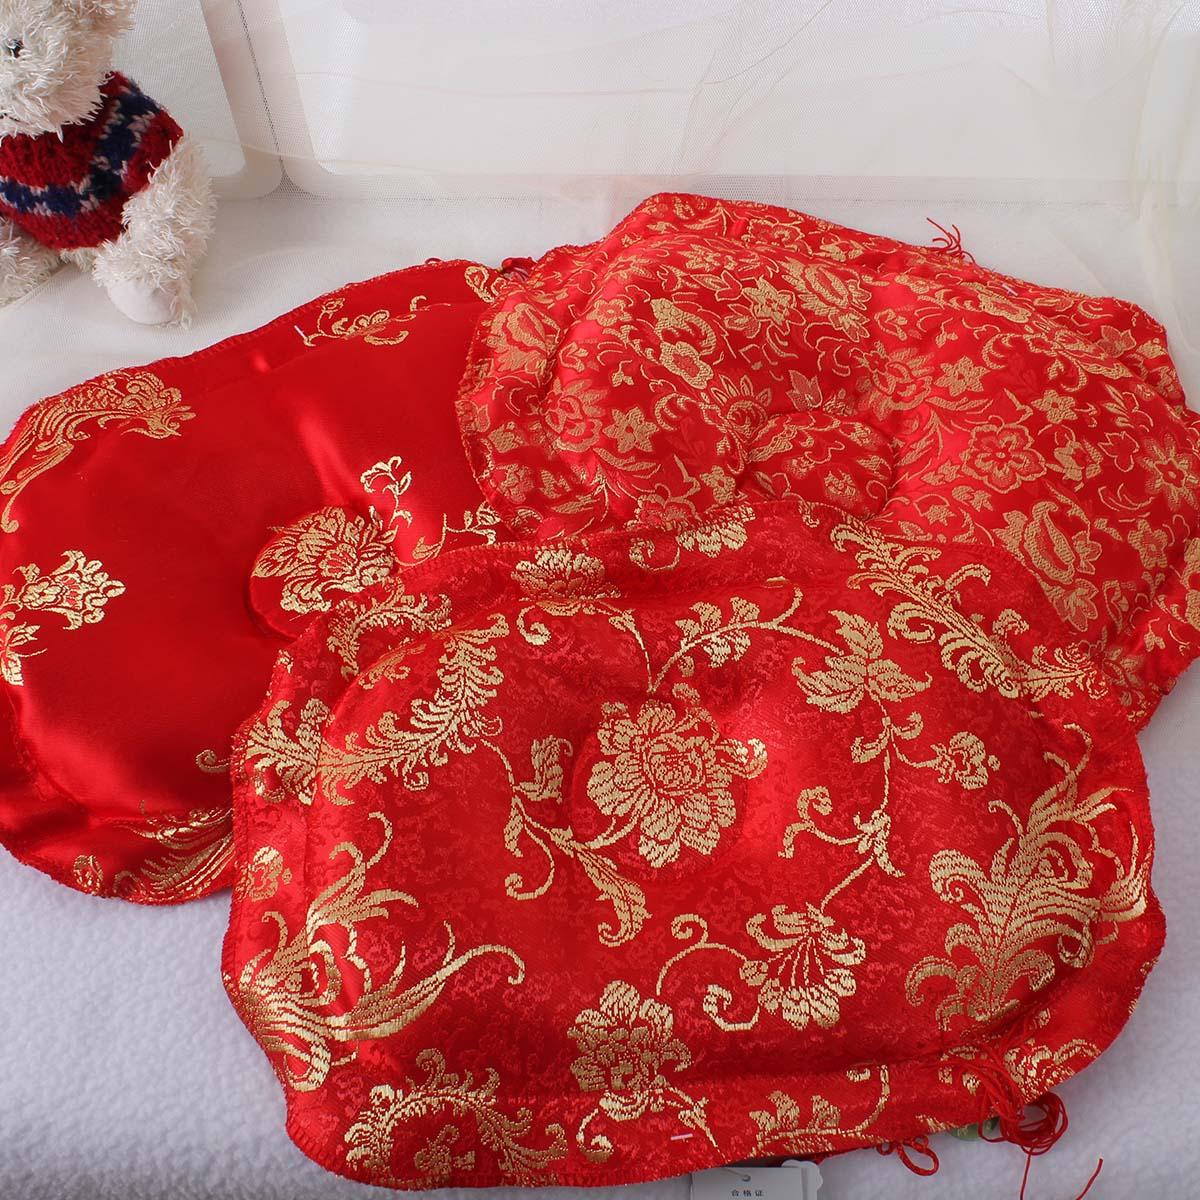 婴儿蚕沙枕头宝宝大红蚕沙定型枕婴儿枕头蚕砂枕新生儿缎面定型枕